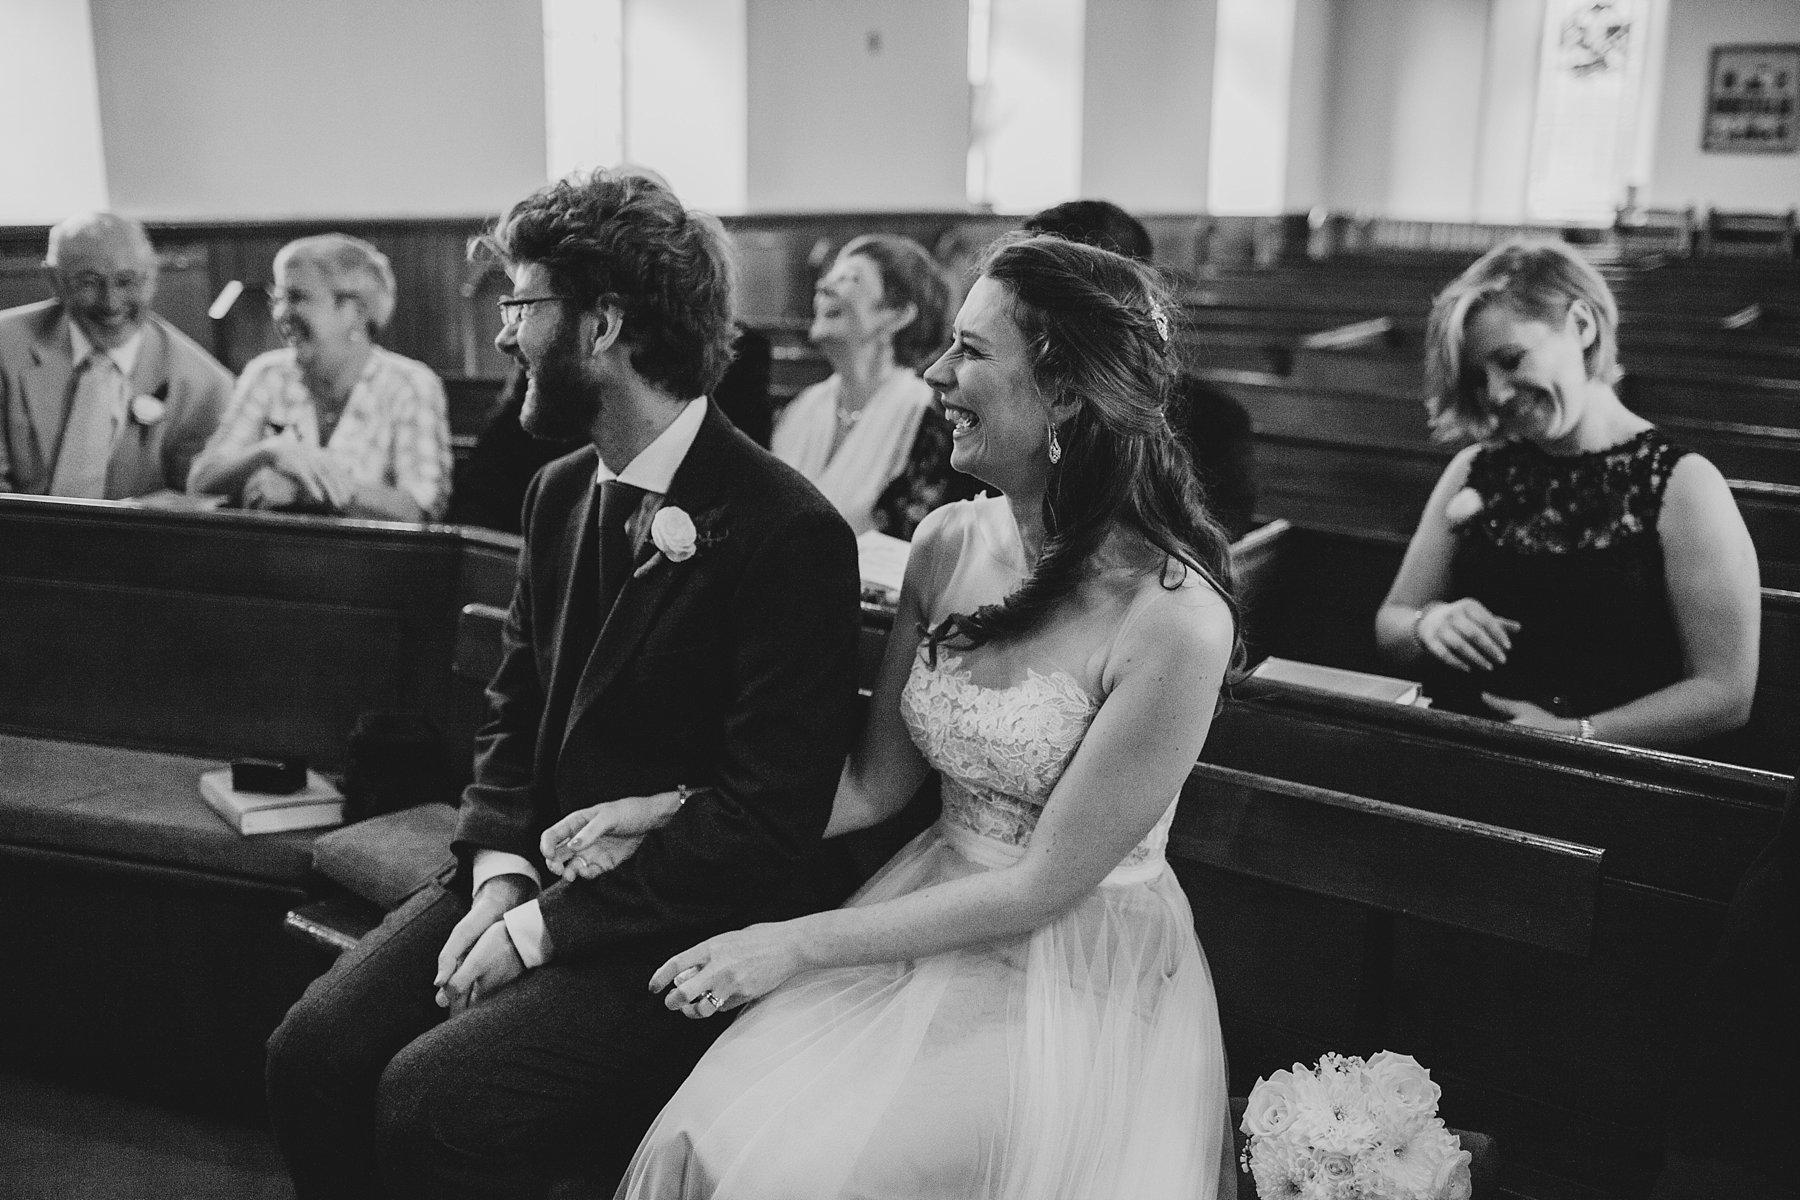 hornhead_donegak_elopement_weddings_0041